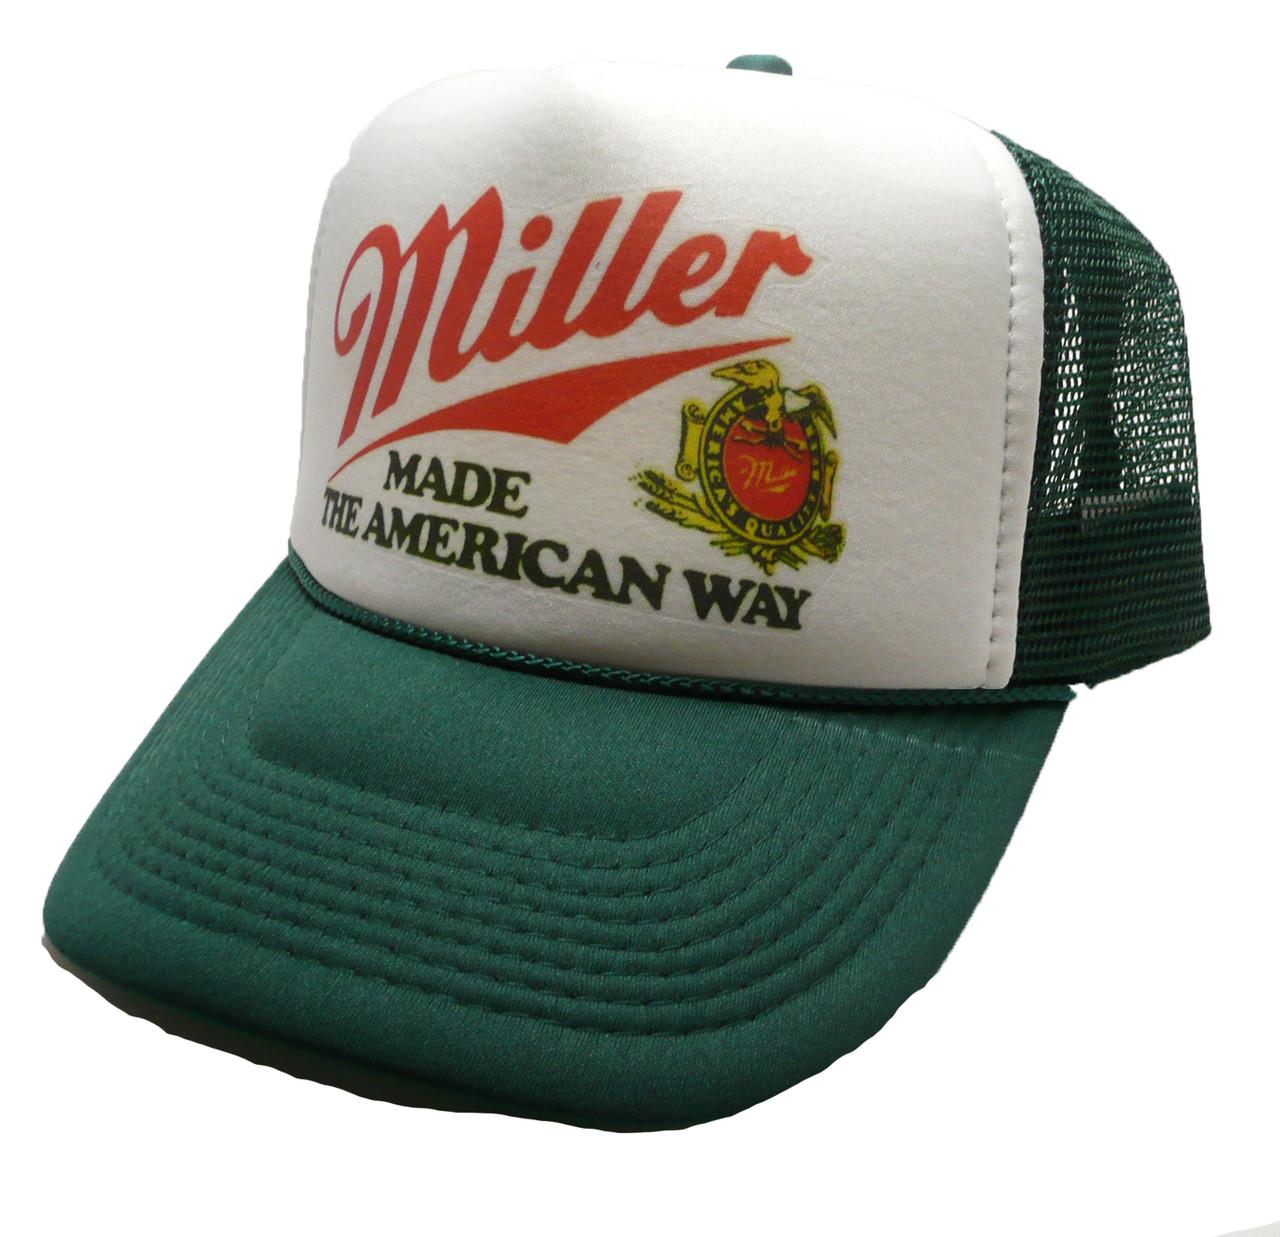 Kelly Green Solid Classic Mesh Trucker Snap Back Snapback Cap Caps Hat Hats